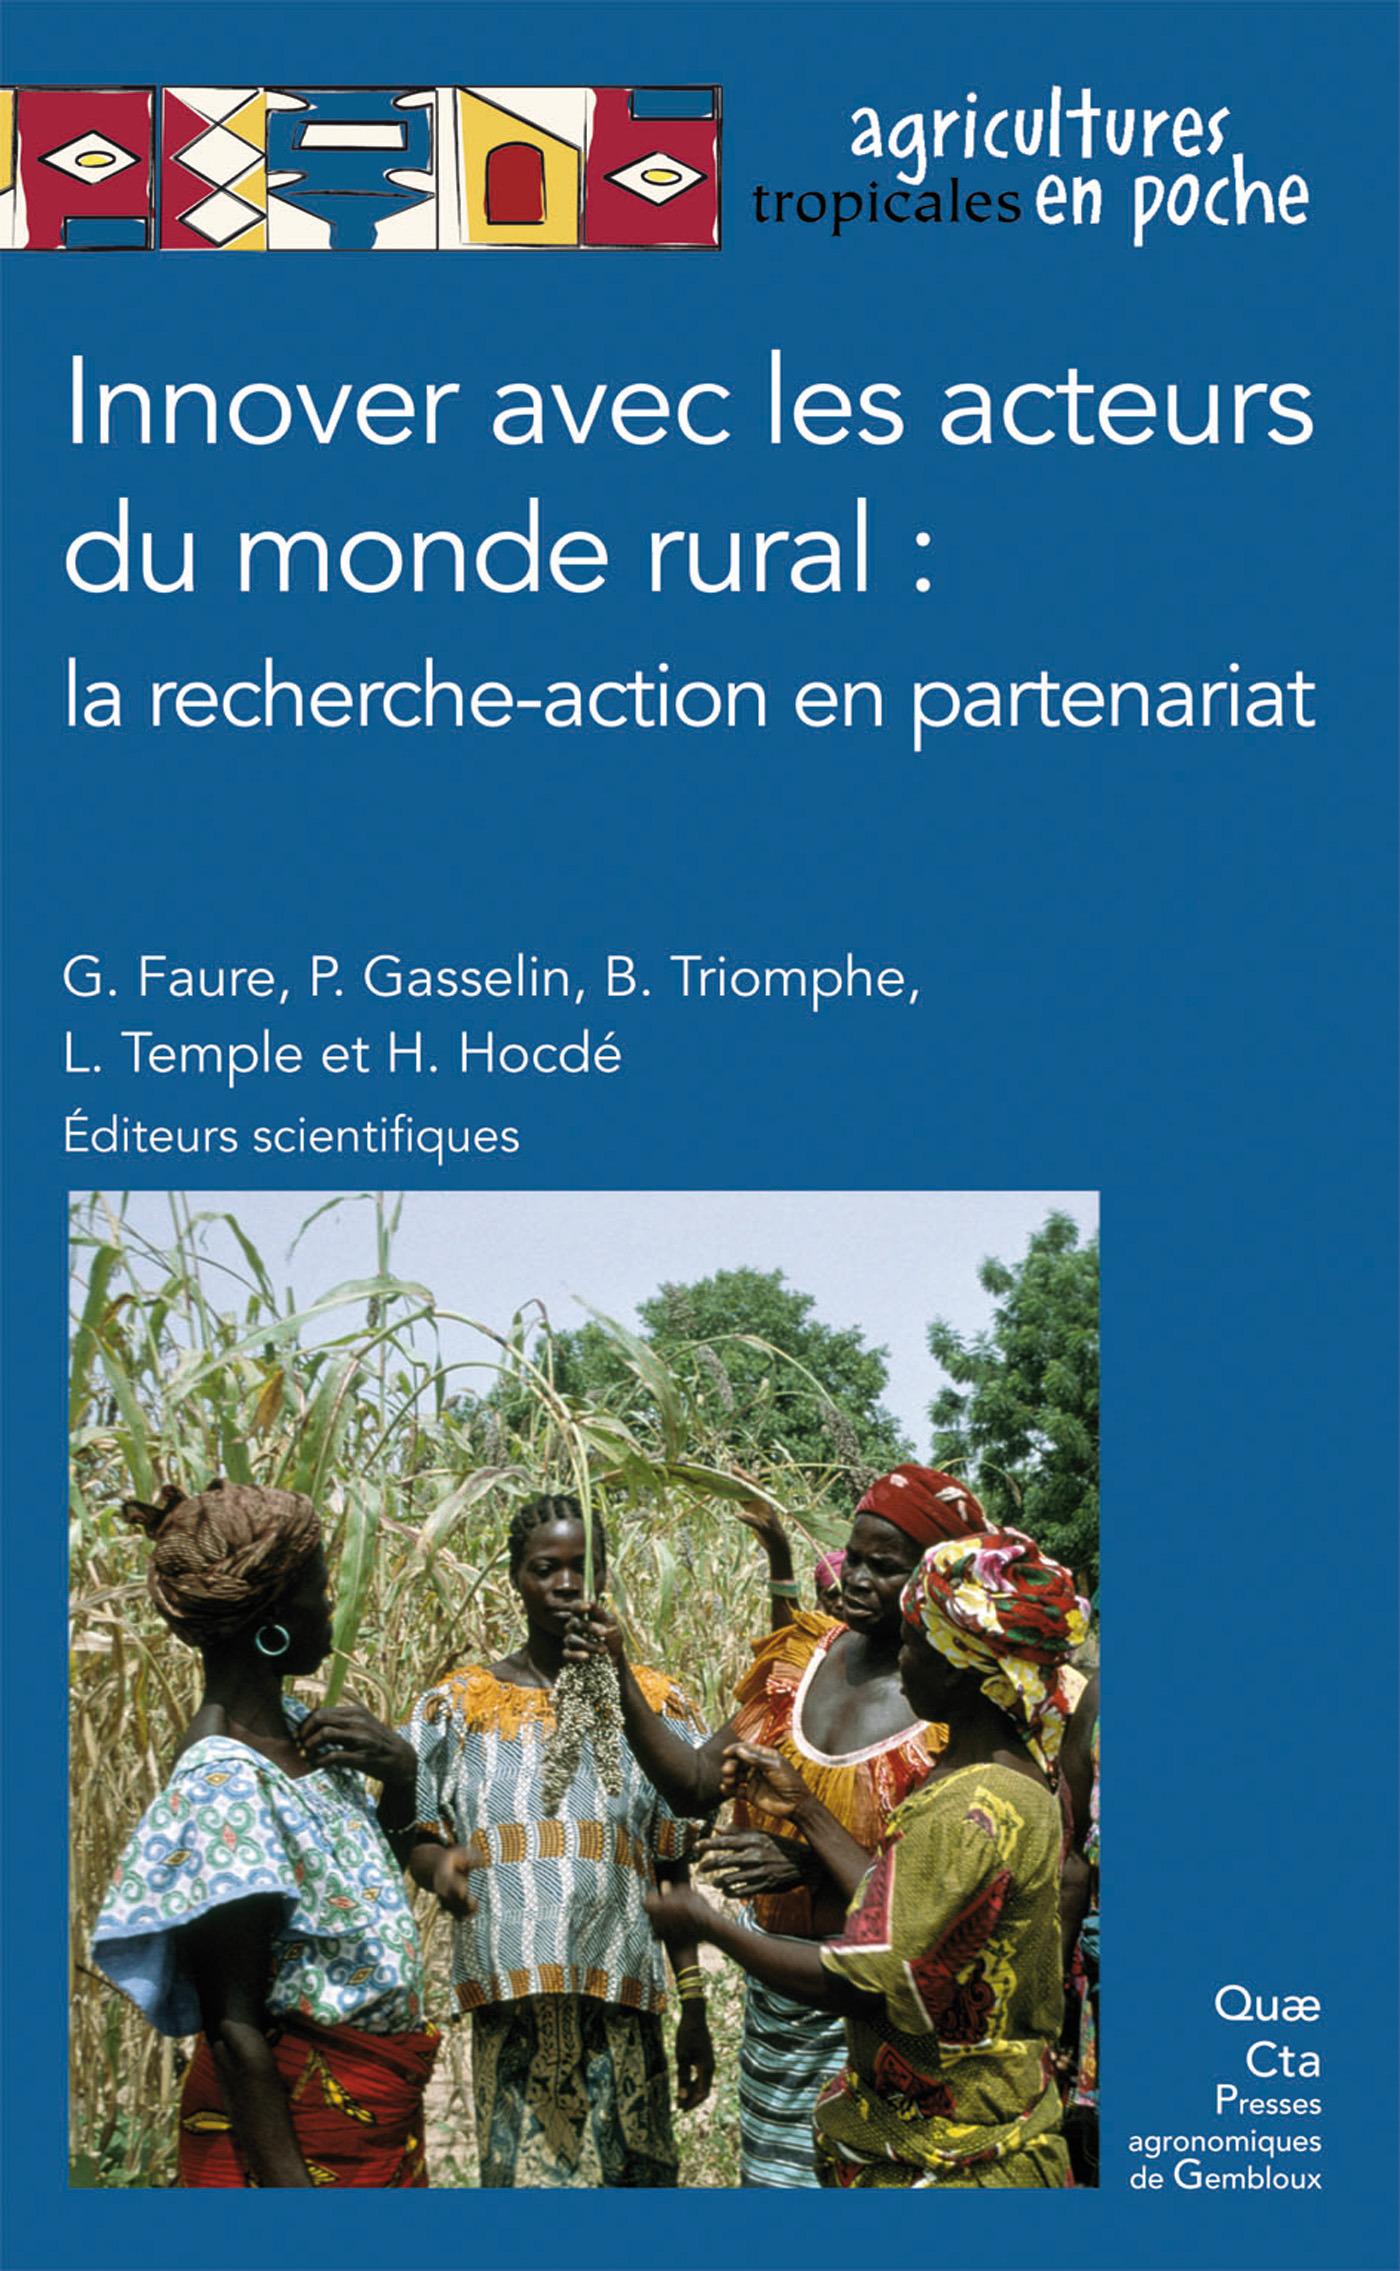 Innover avec les acteurs du monde rural : la recherche-action en partenariat